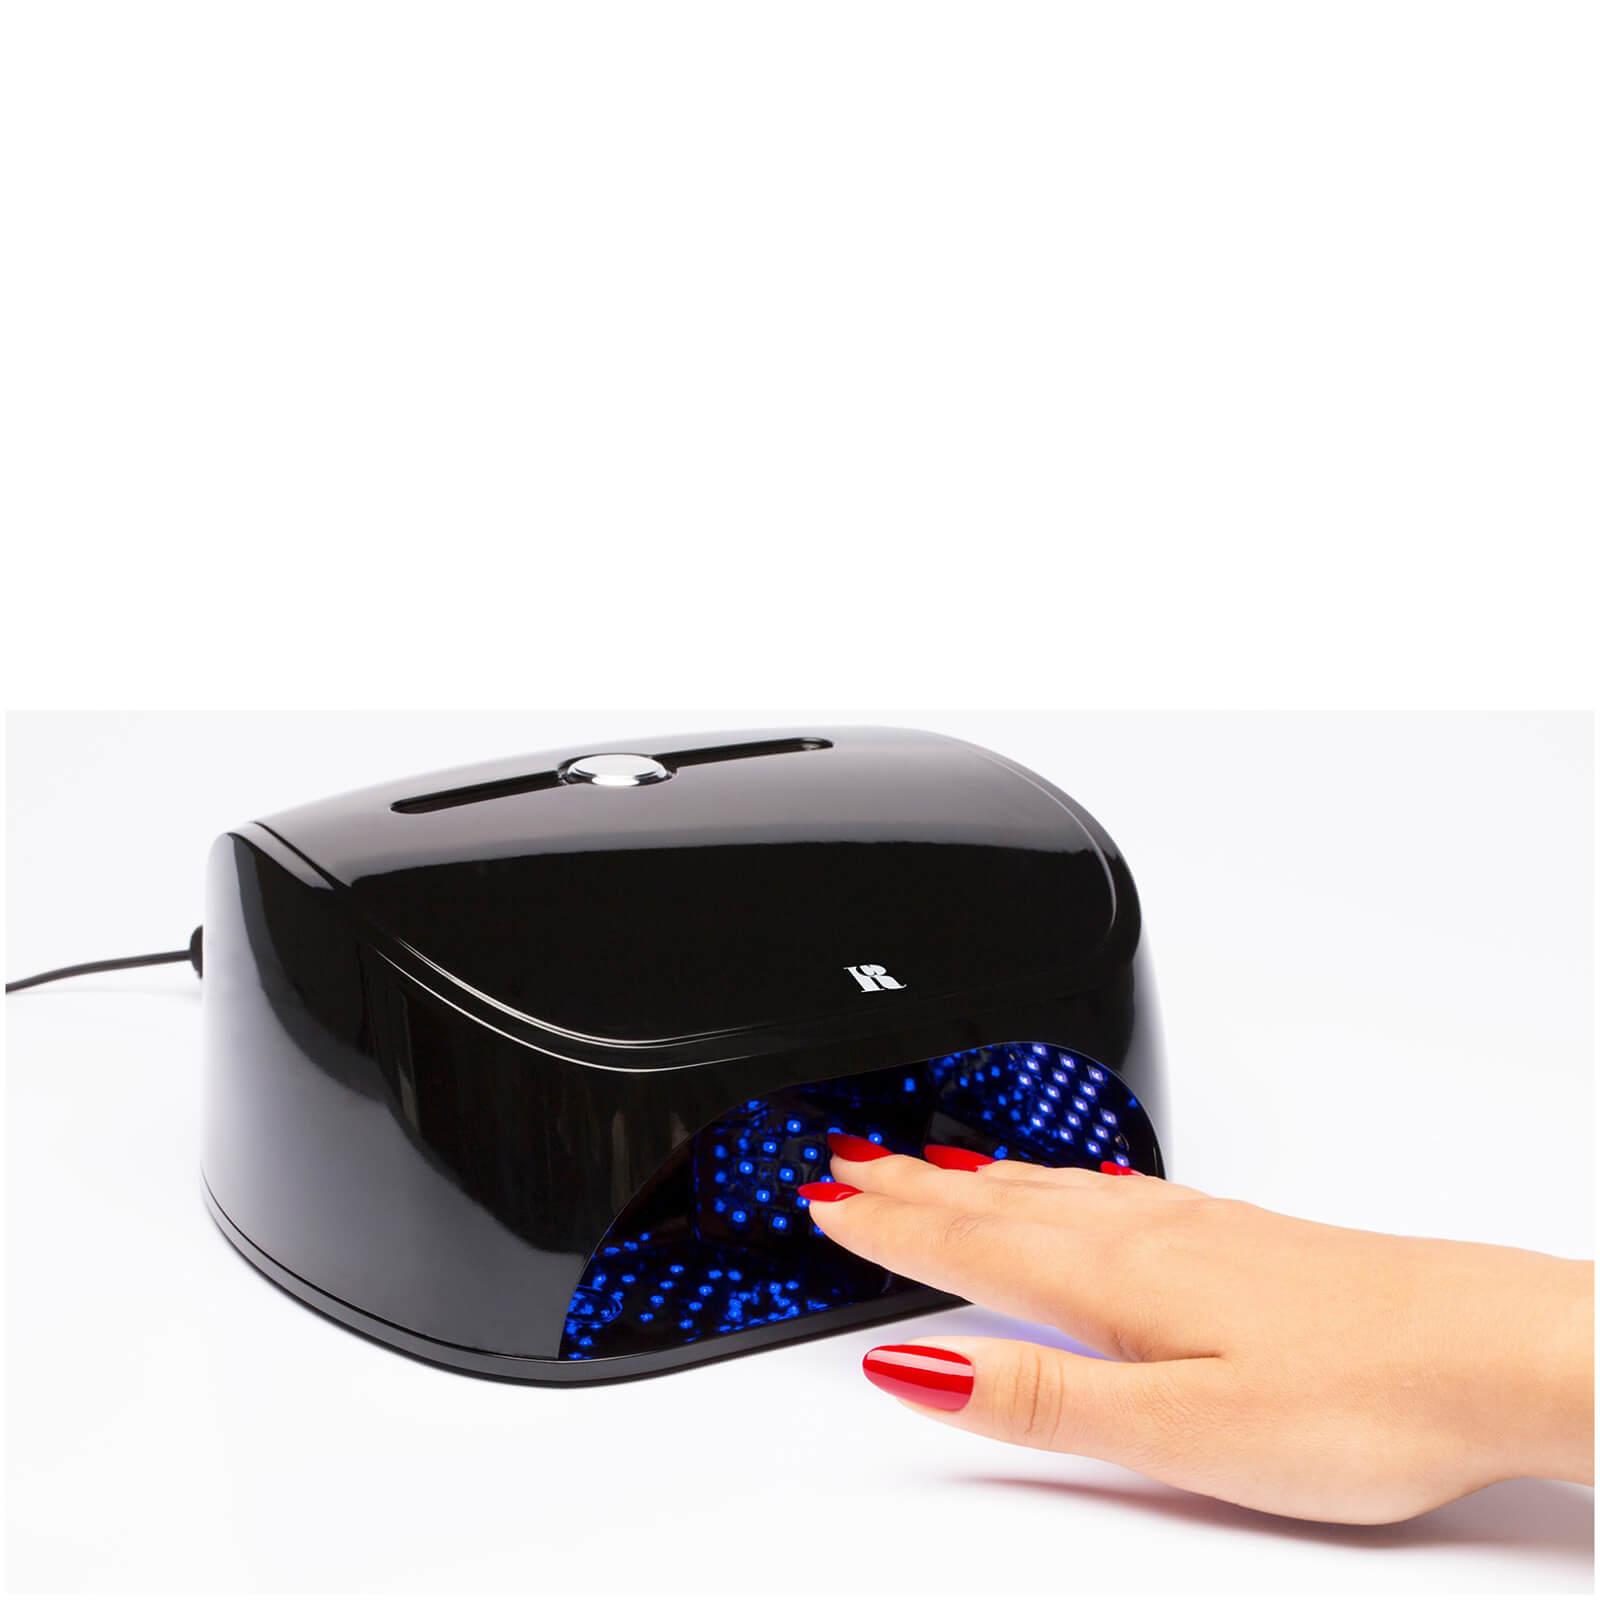 Red Carpet Manicure Salon Pro 5-30 LED Nail Light